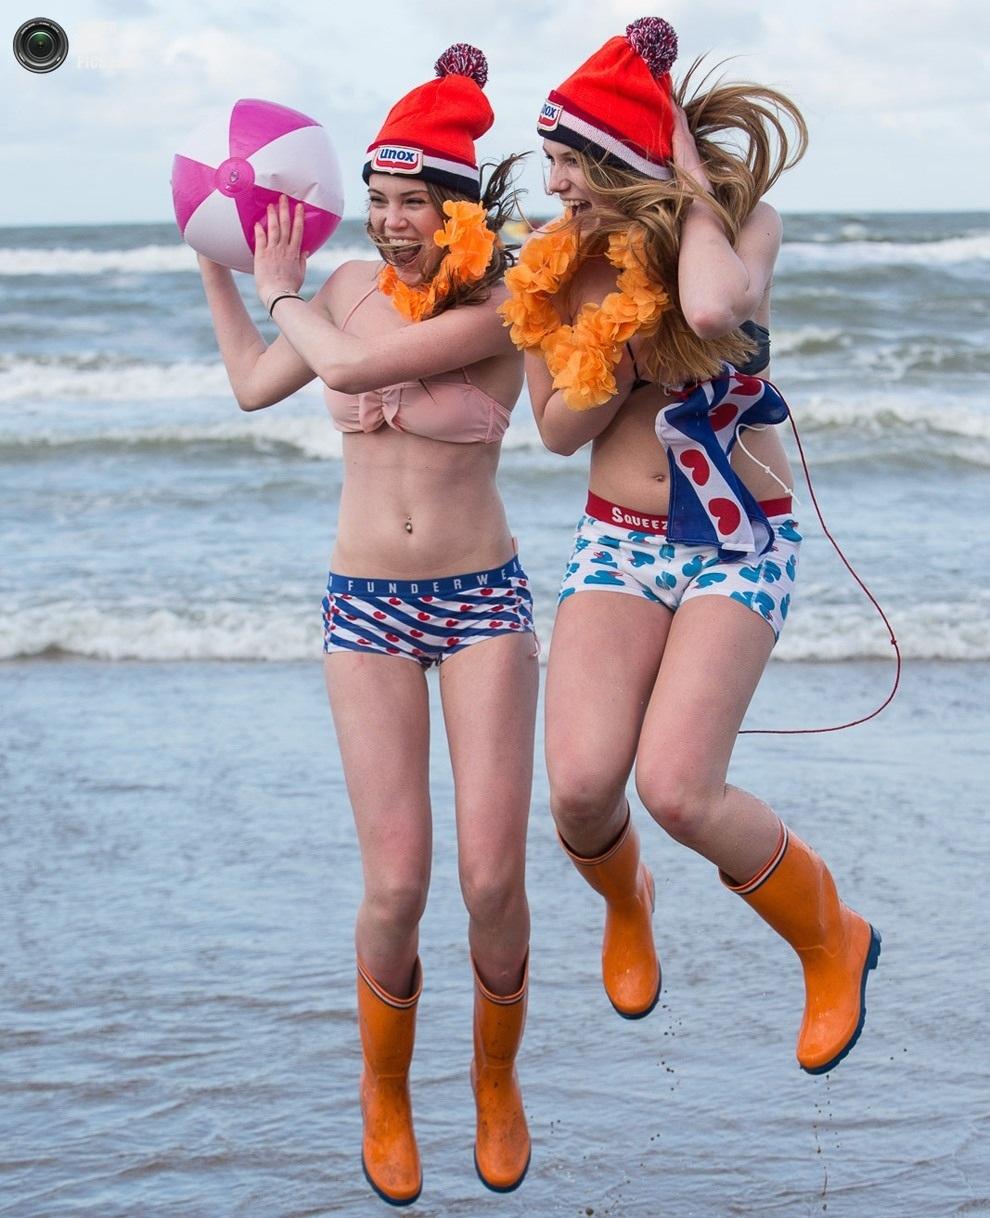 Новогоднее купание Unox Nieuwjaarsduik 2013